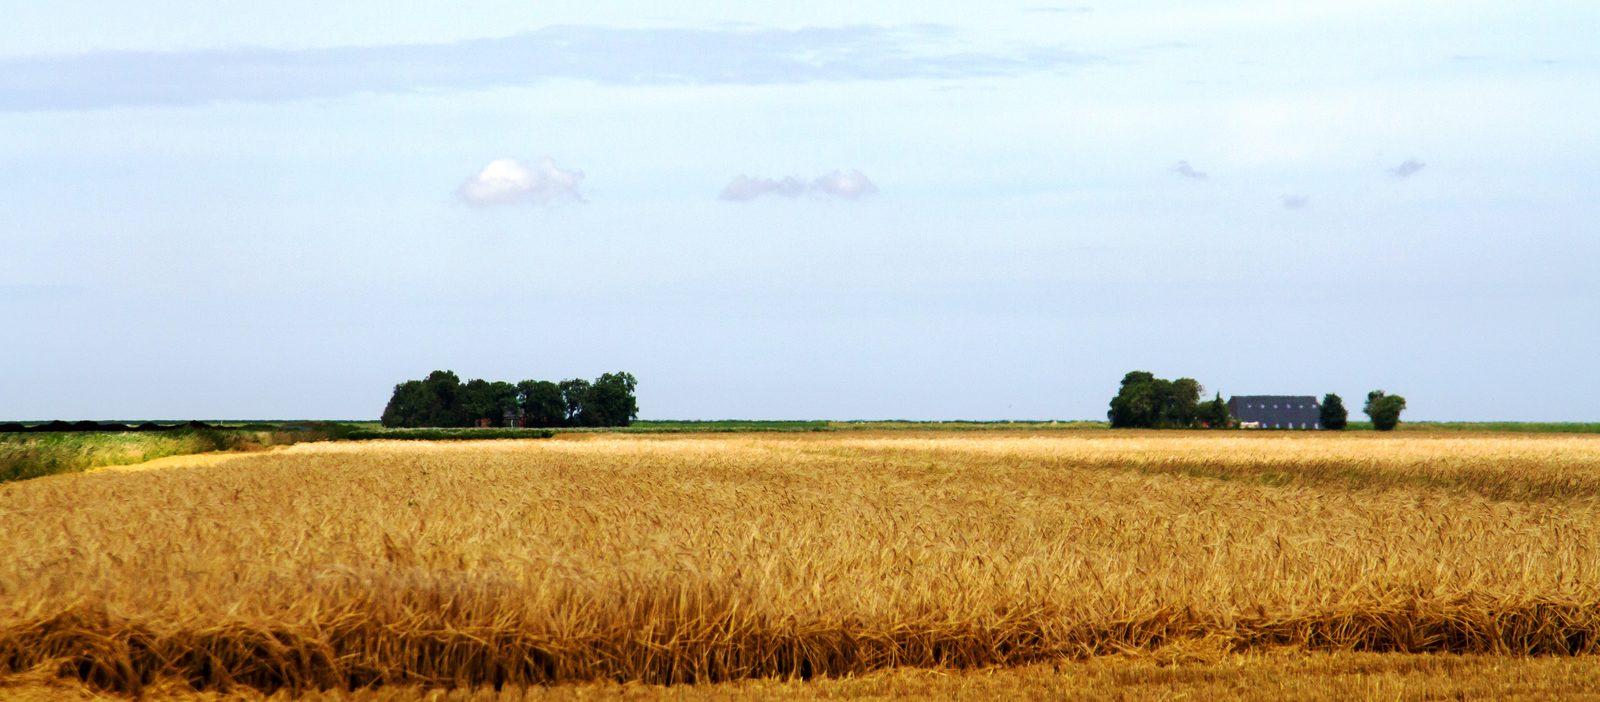 landschap in Groningen met graanvelden en vergezichten